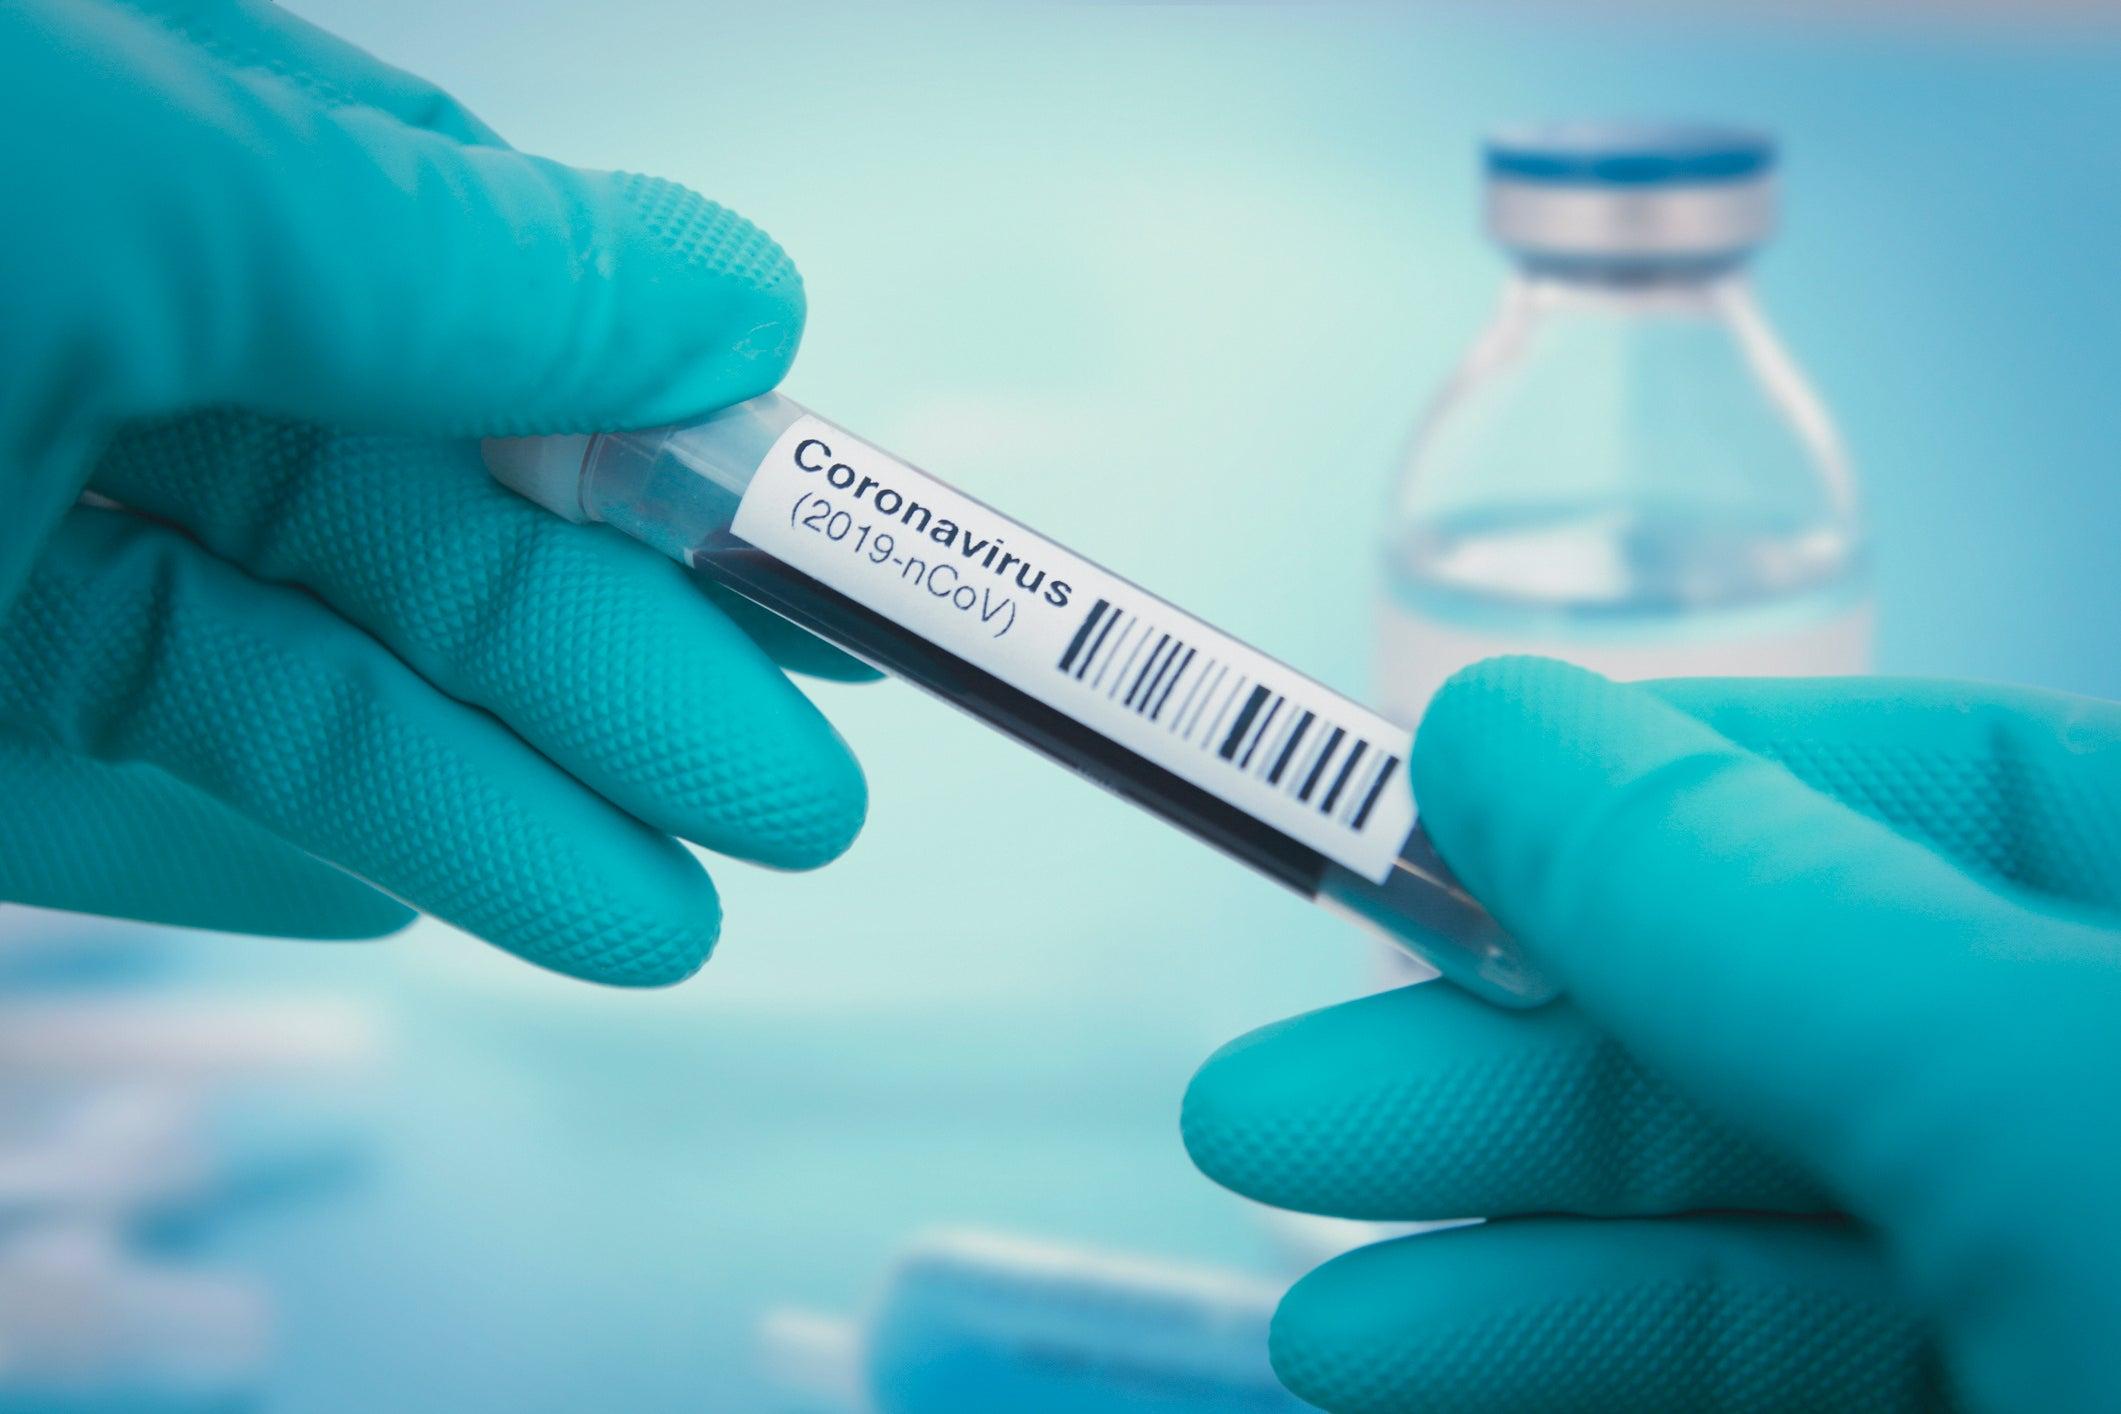 pharmaceuticals inovio investors covid vaccine